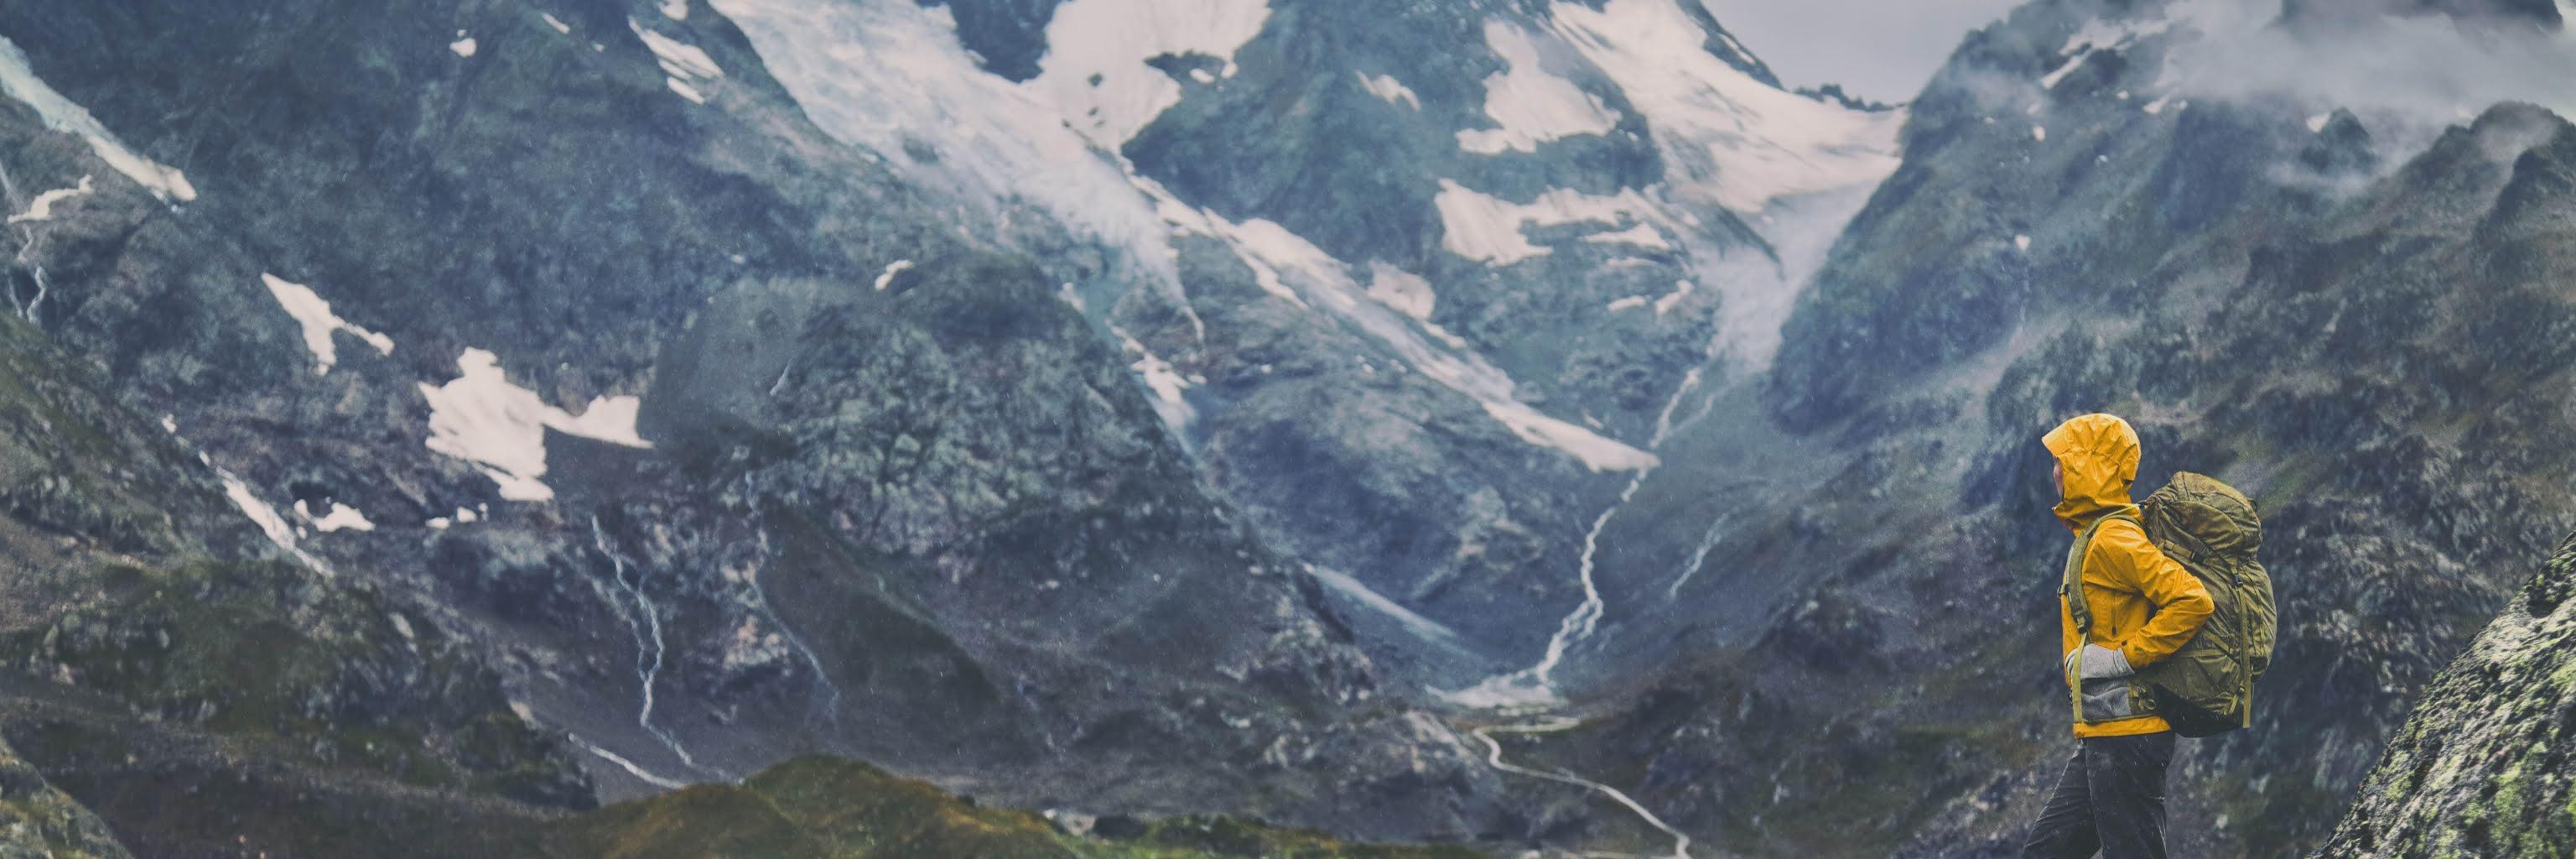 Banner-guia-turistica